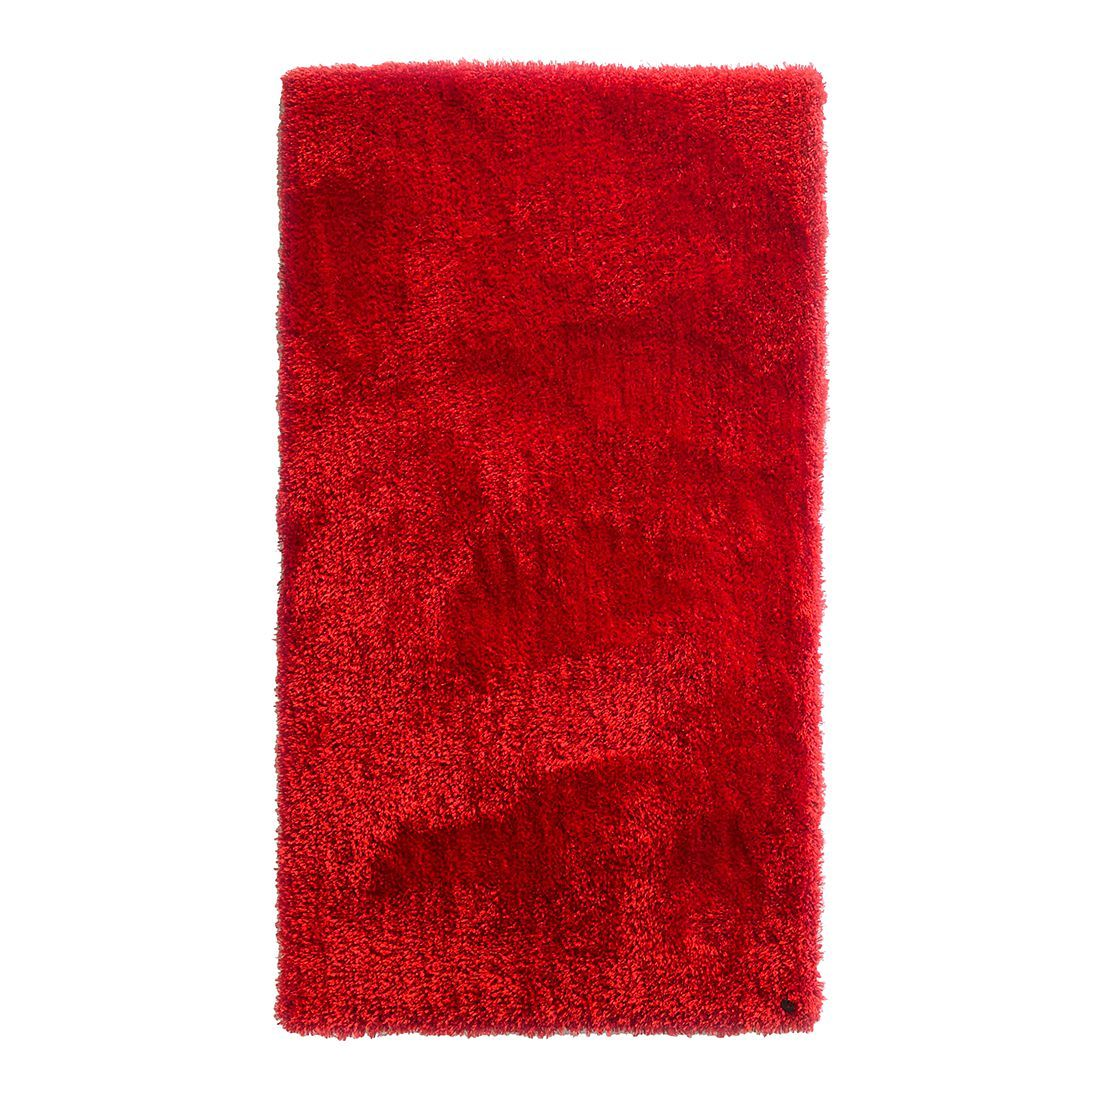 Teppich Soft Square Rot Maße 190 X 290 Cm Tom Tailor Online Kaufen Bei Woonio In 2021 Tapijt Vloerkleed Kleuren